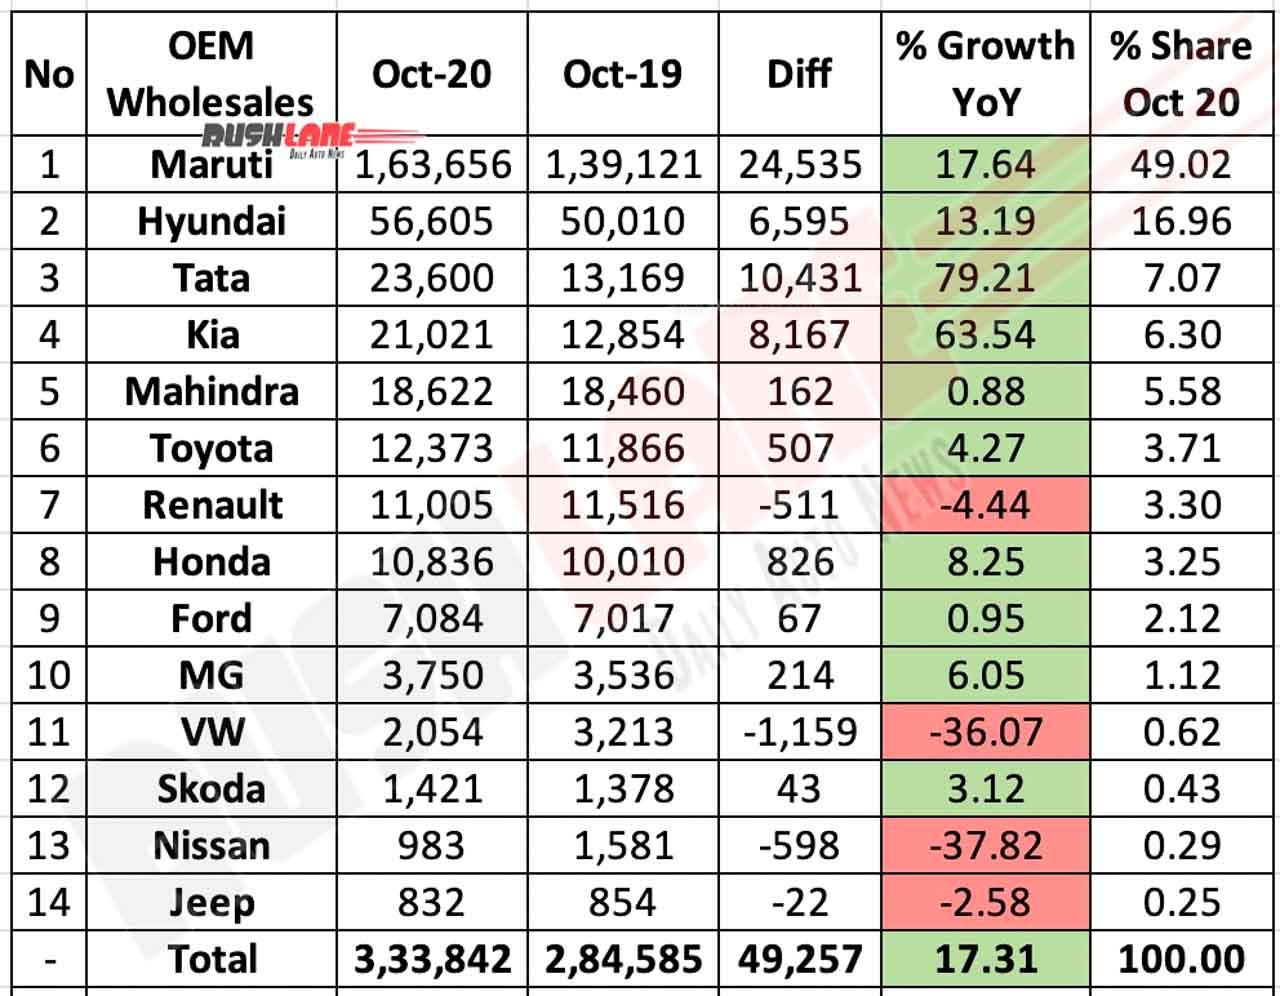 Car Sales Oct 2020 vs Oct 2019